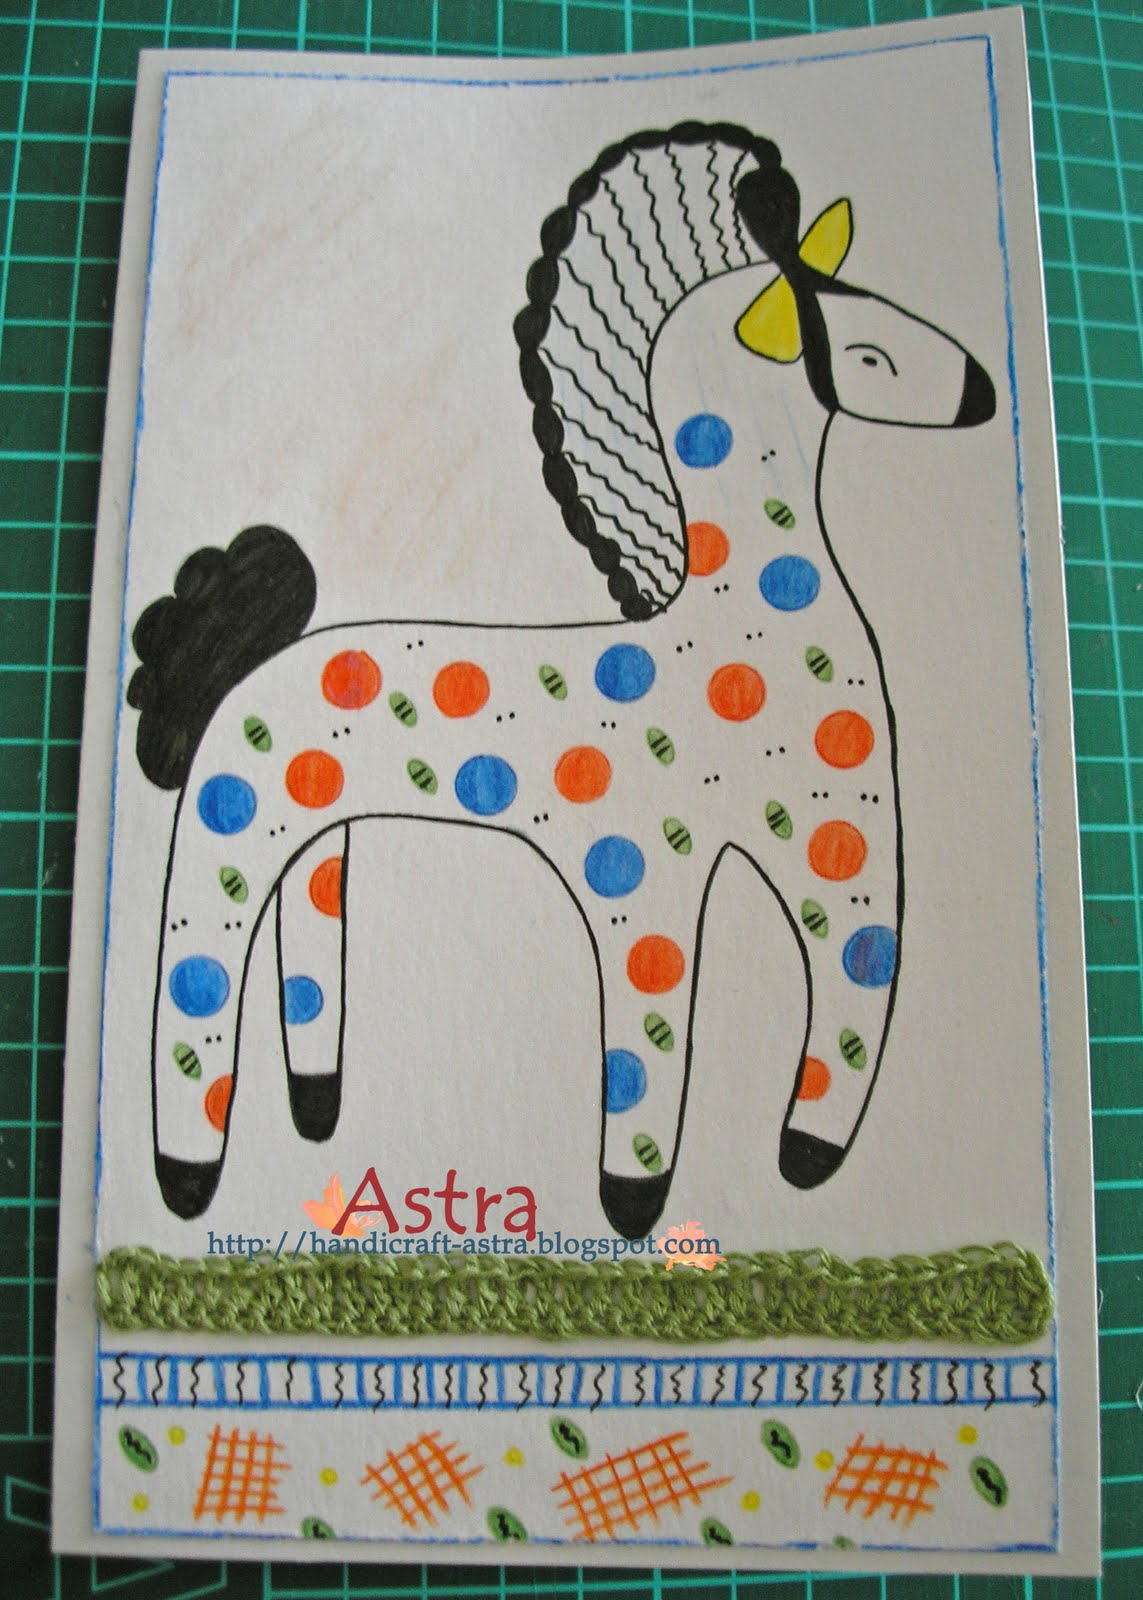 Scrap калейдоскоп детская lt b gt открытка lt b gt по мотивам дымковской игрушки